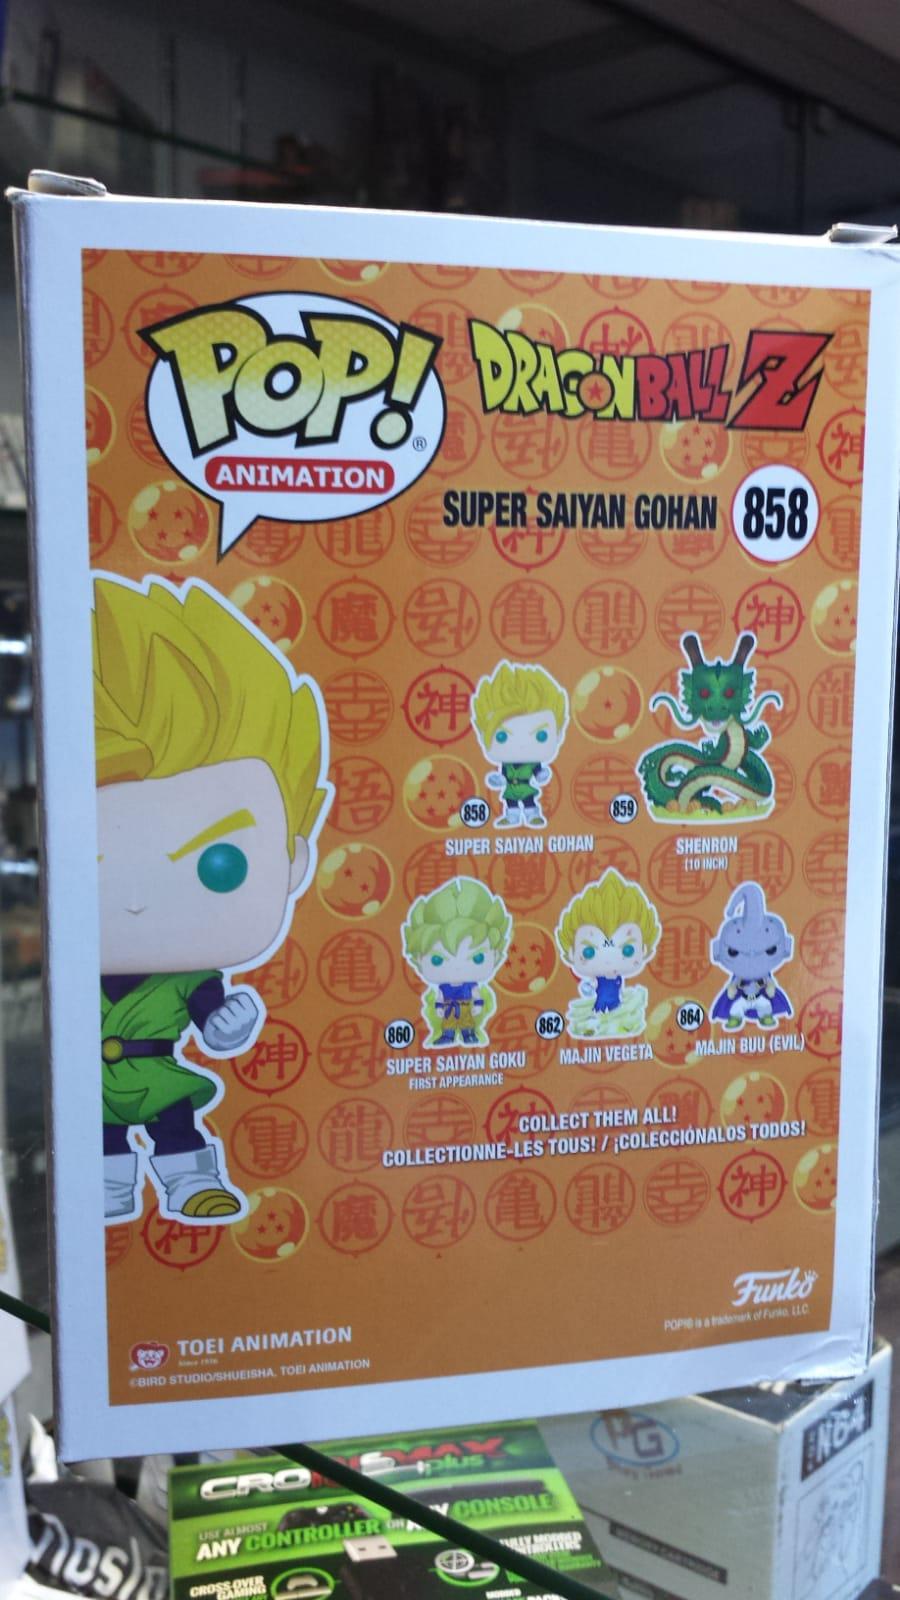 Funko Pop Dragon Ball Z Super Saiyan Gohan